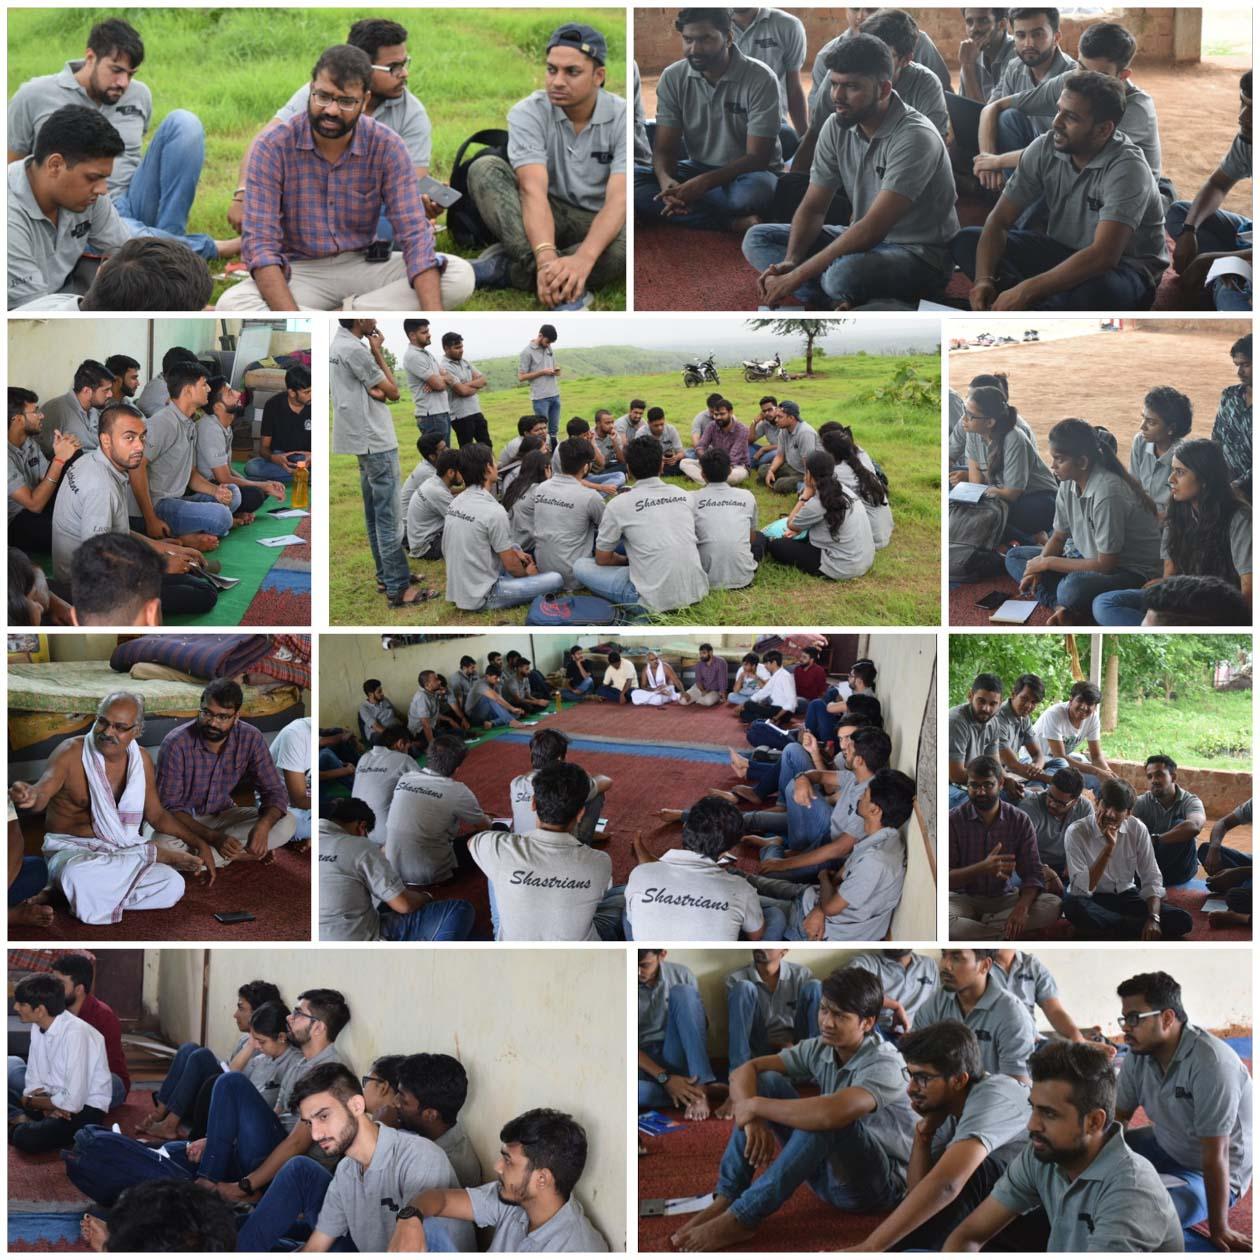 लाल बहादुर शास्त्री इंस्टीट्यूट ऑफ मेनेजमेंट दिल्ली द्वारा शिवगंगा के सहयोग से झाबुआ जिले में 34 सदस्यो का दल पहुंचा-managment-student-visiting-jhabua-district